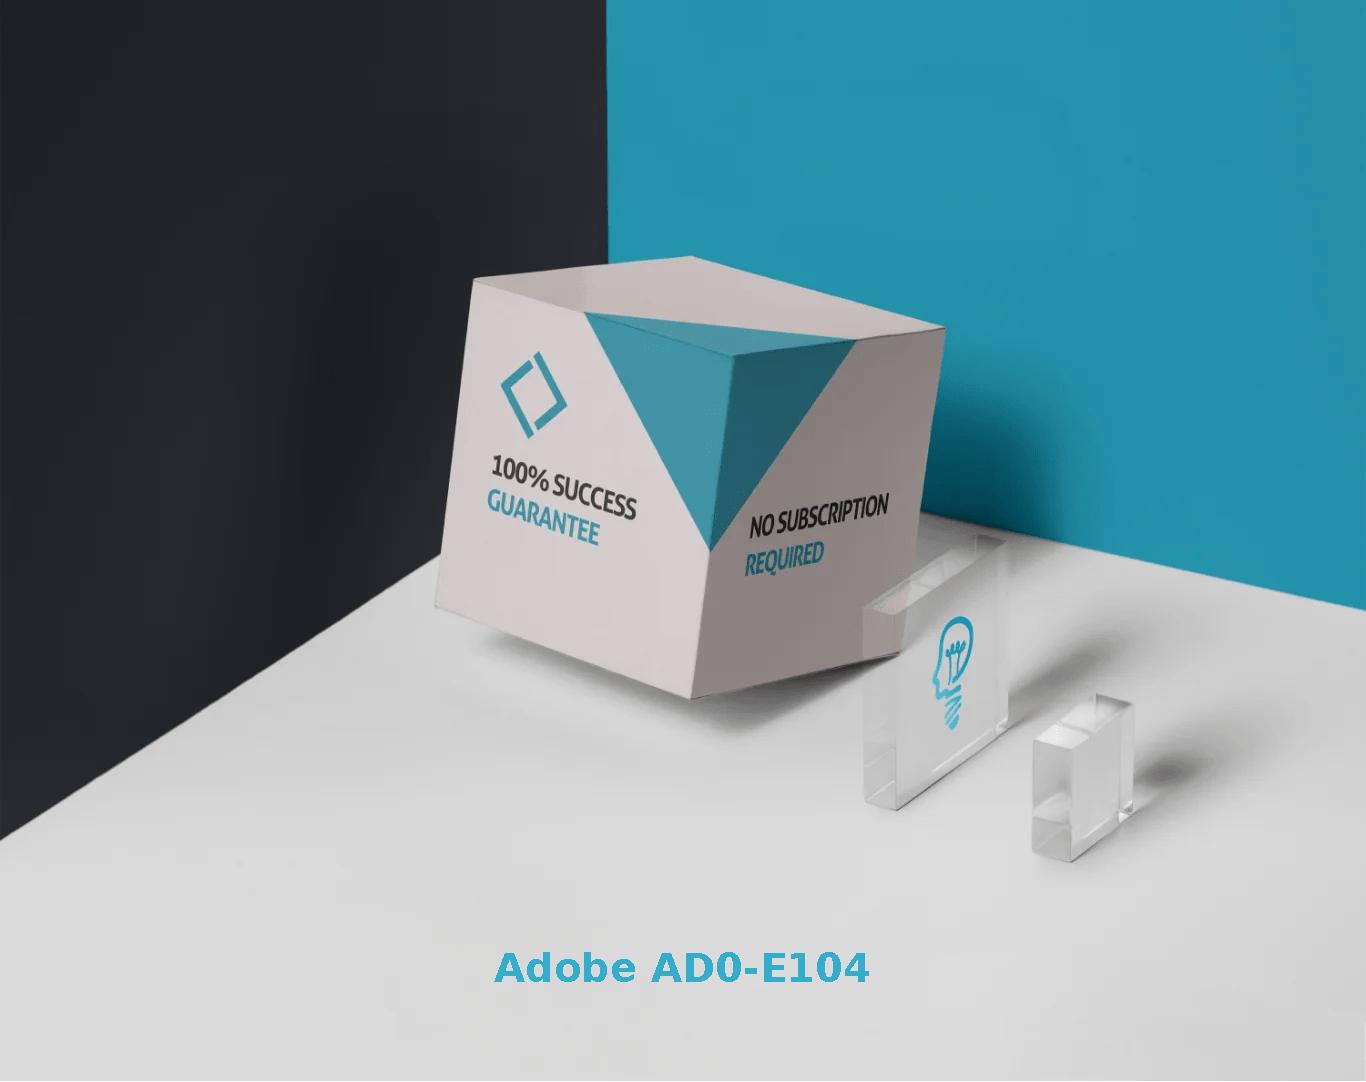 Adobe AD0-E104 Exams